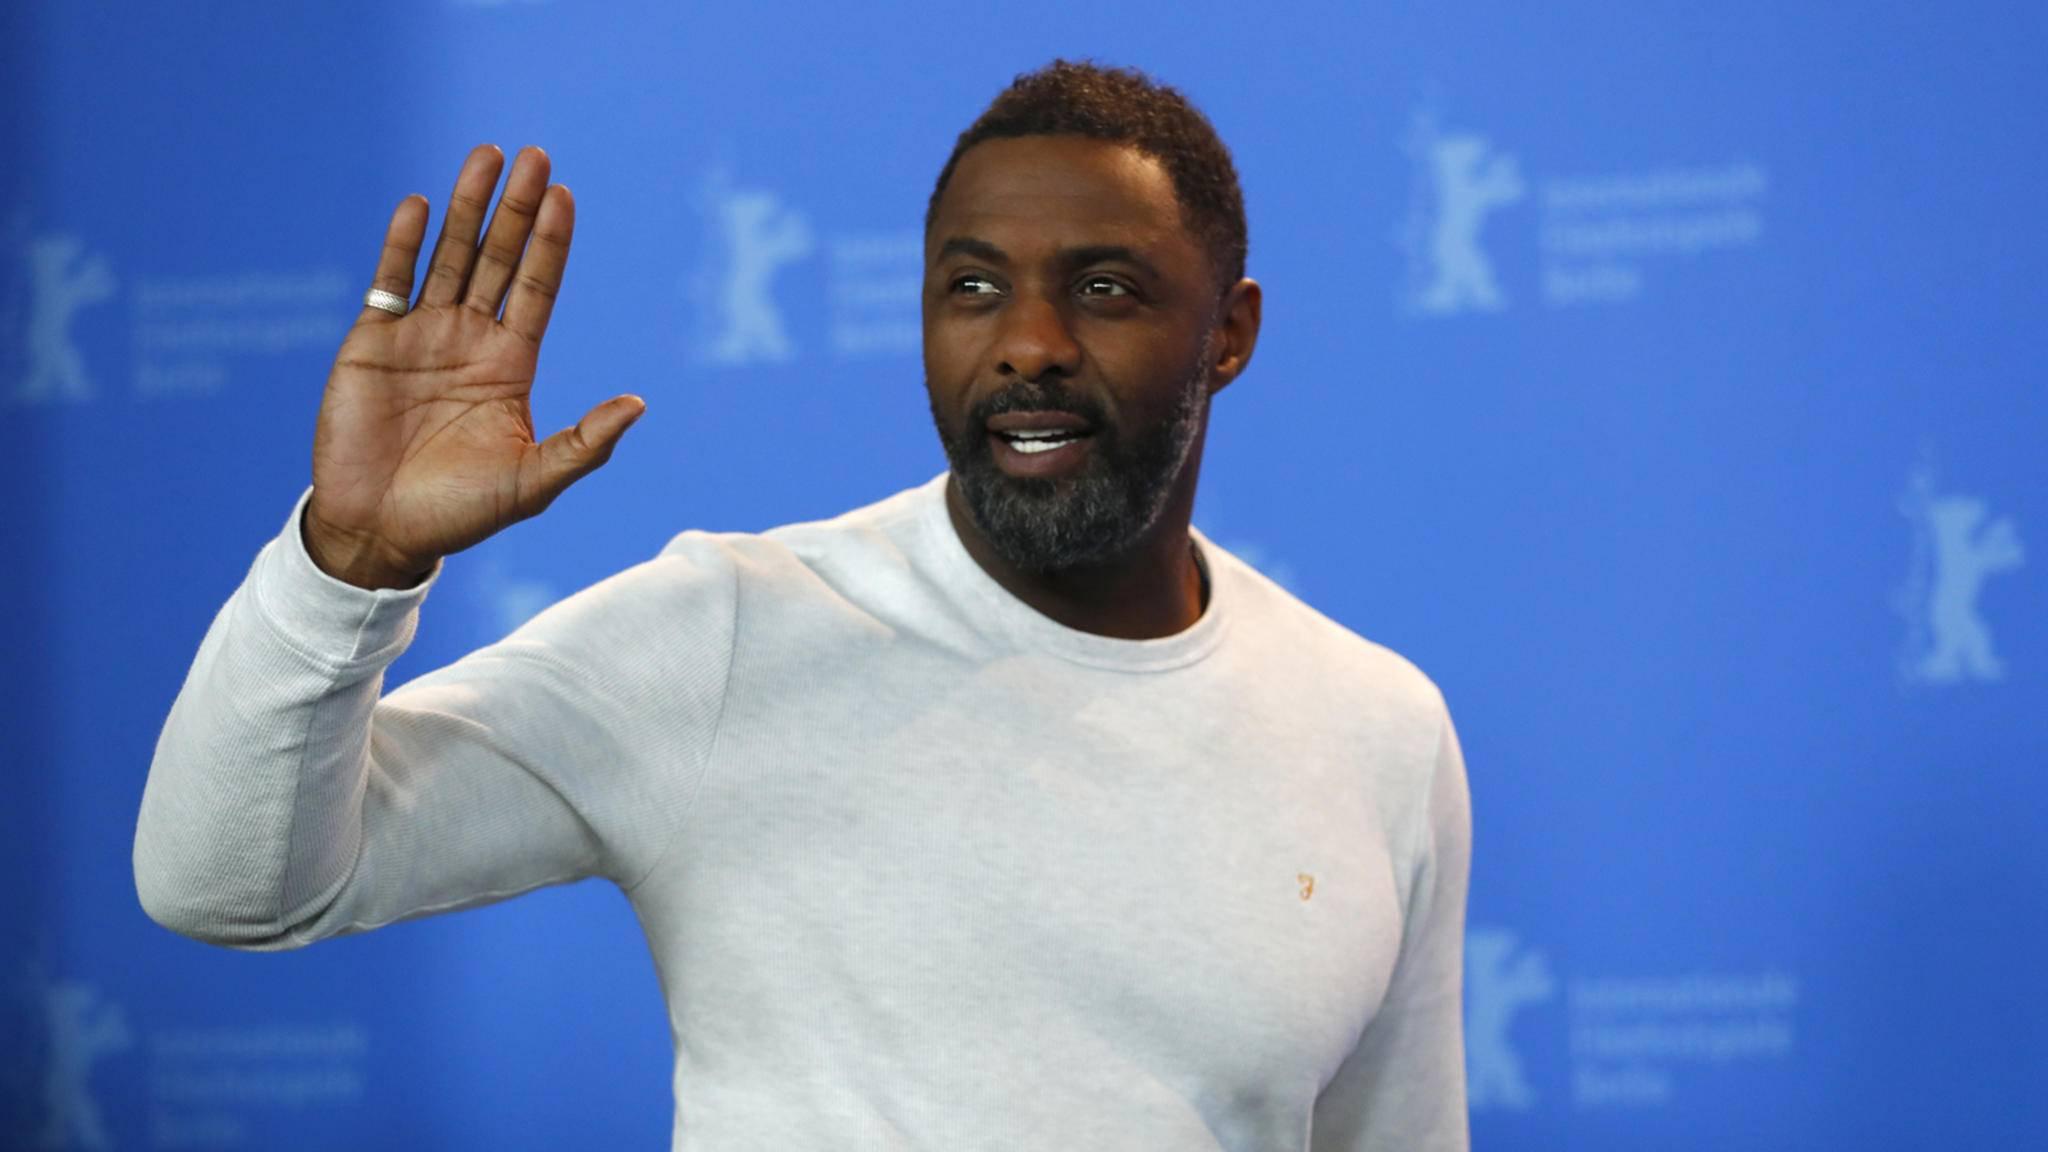 Idris Elba als Quasimodo? Irgendwie nur schwer vorstellbar ...